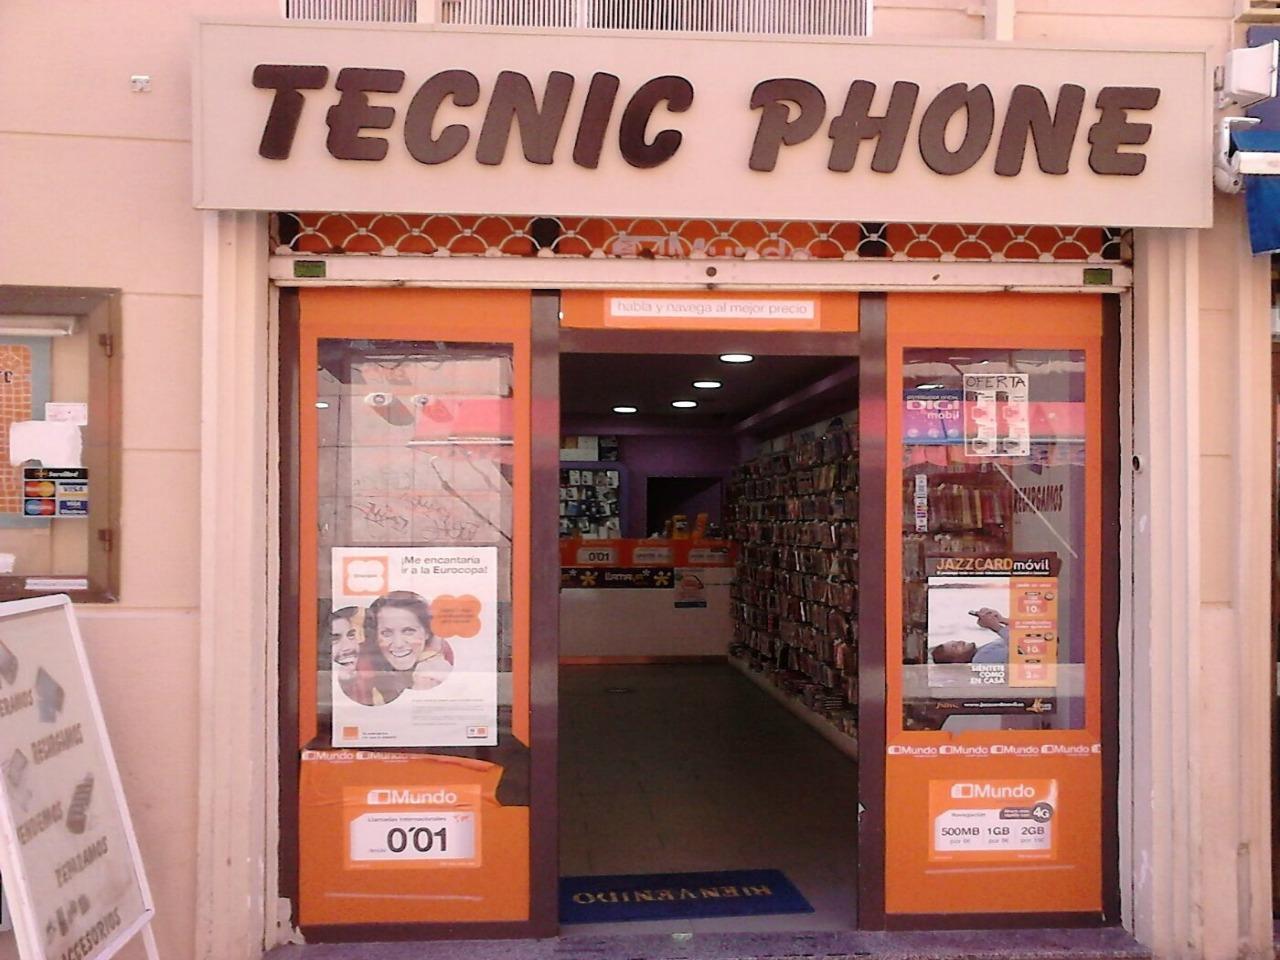 TECNICPHONE, Tiendas de móviles baratas en Cáceres, accesorios móviles baratos en Cáceres